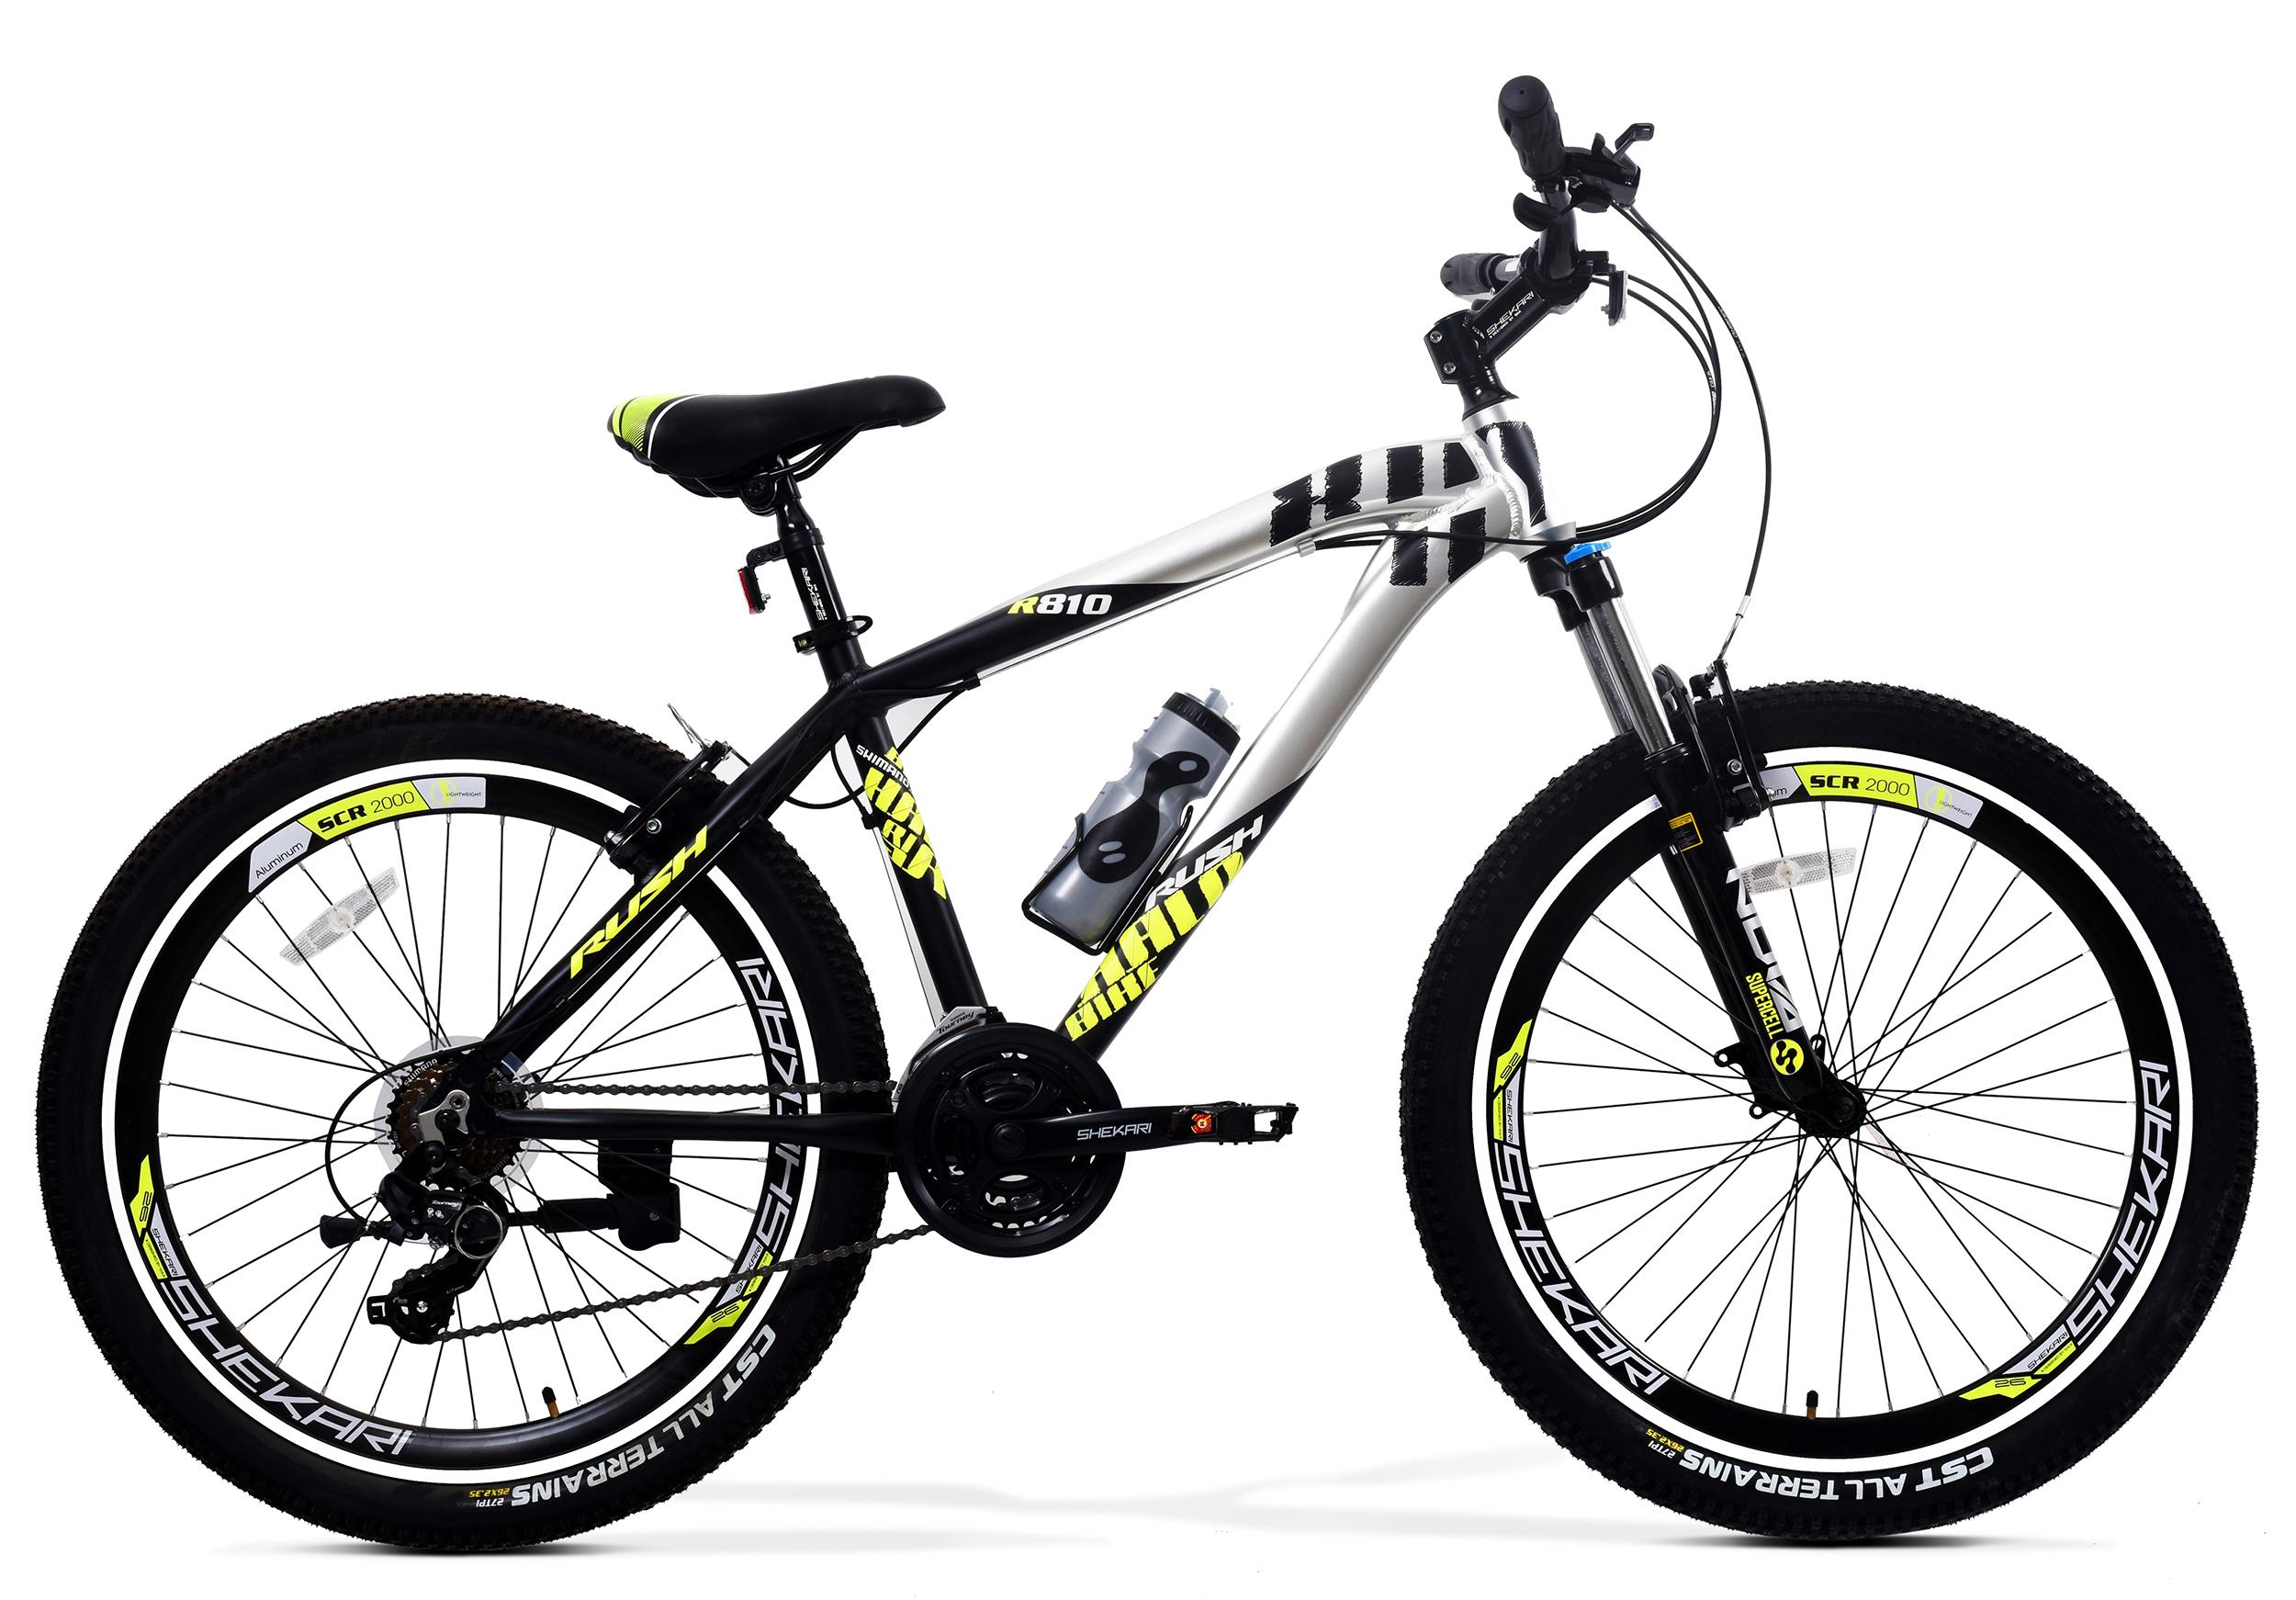 دوچرخه مدل R810